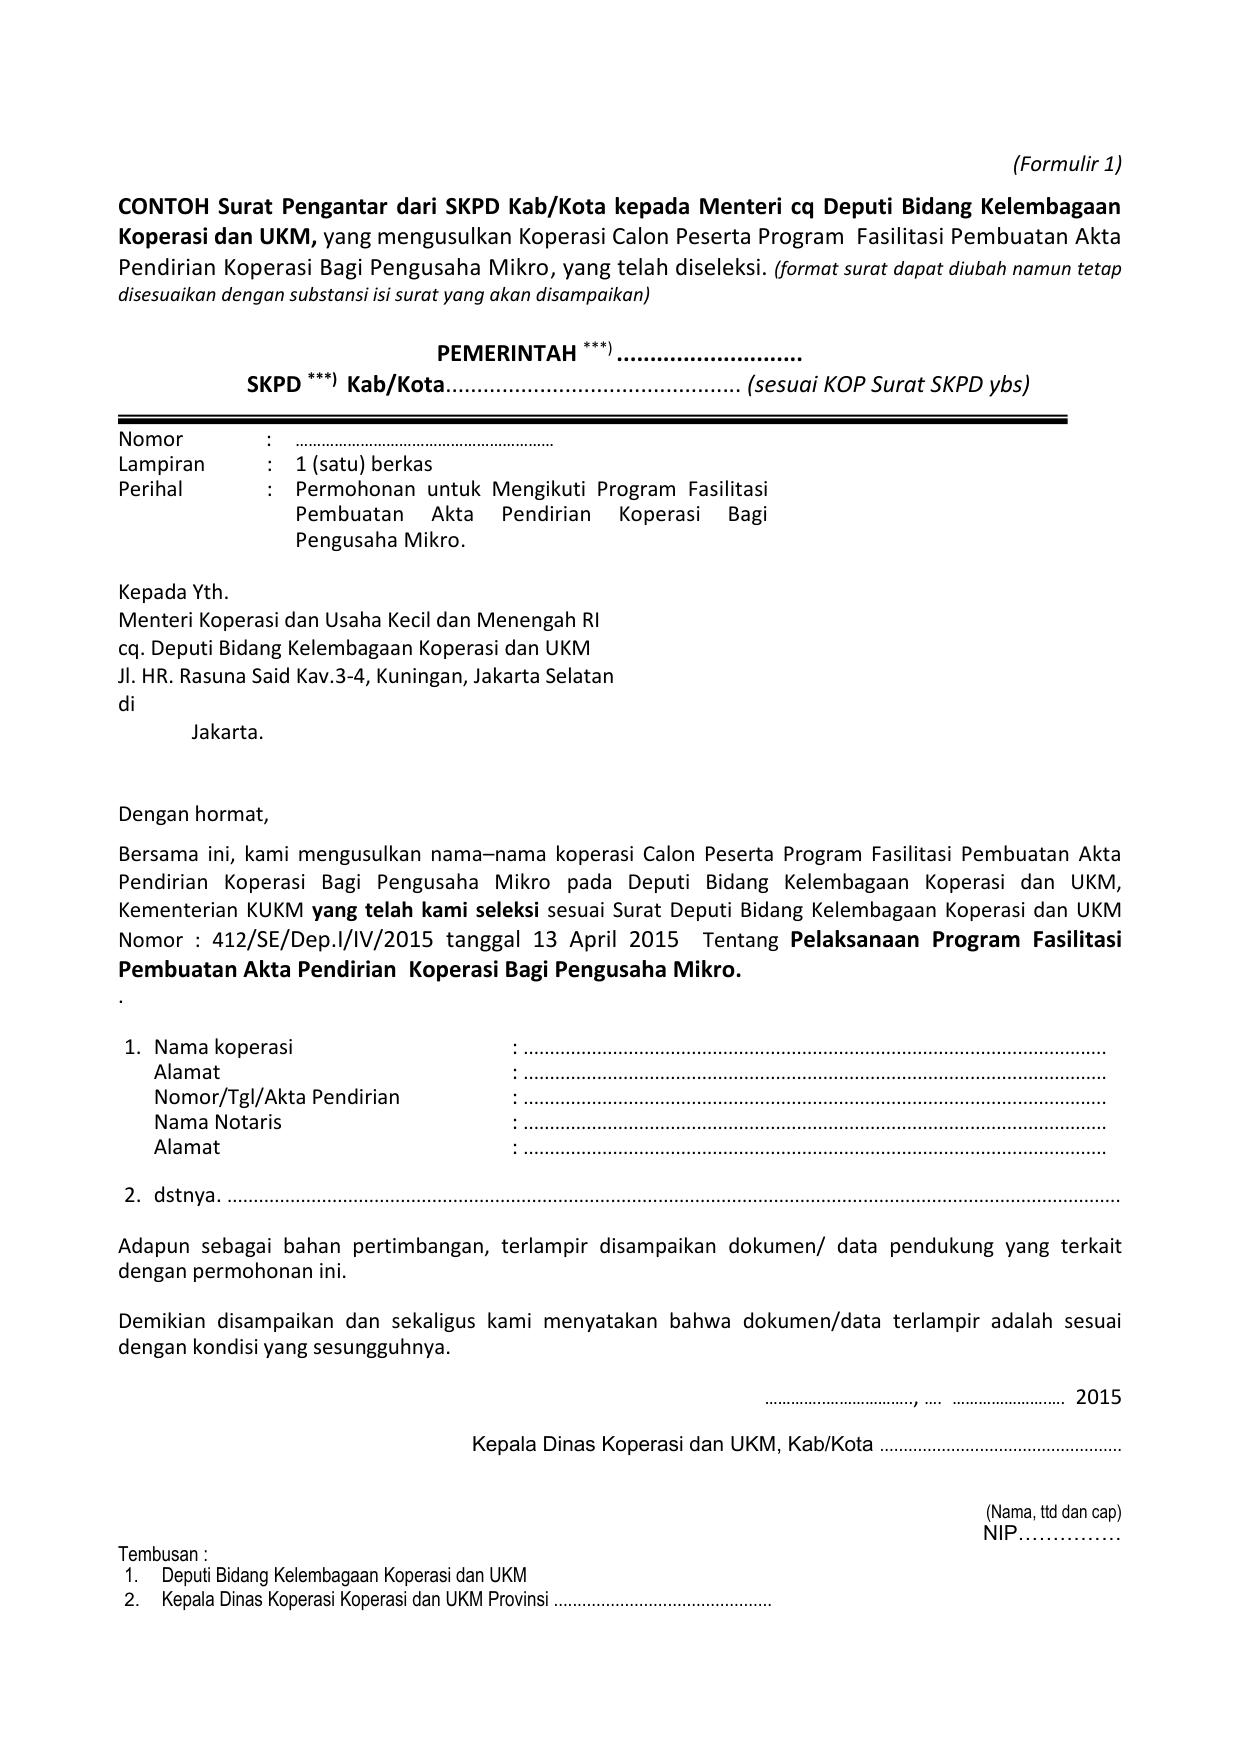 Contoh Surat Pengantar Dari Skpd Kabkota Kepada Menteri Cq